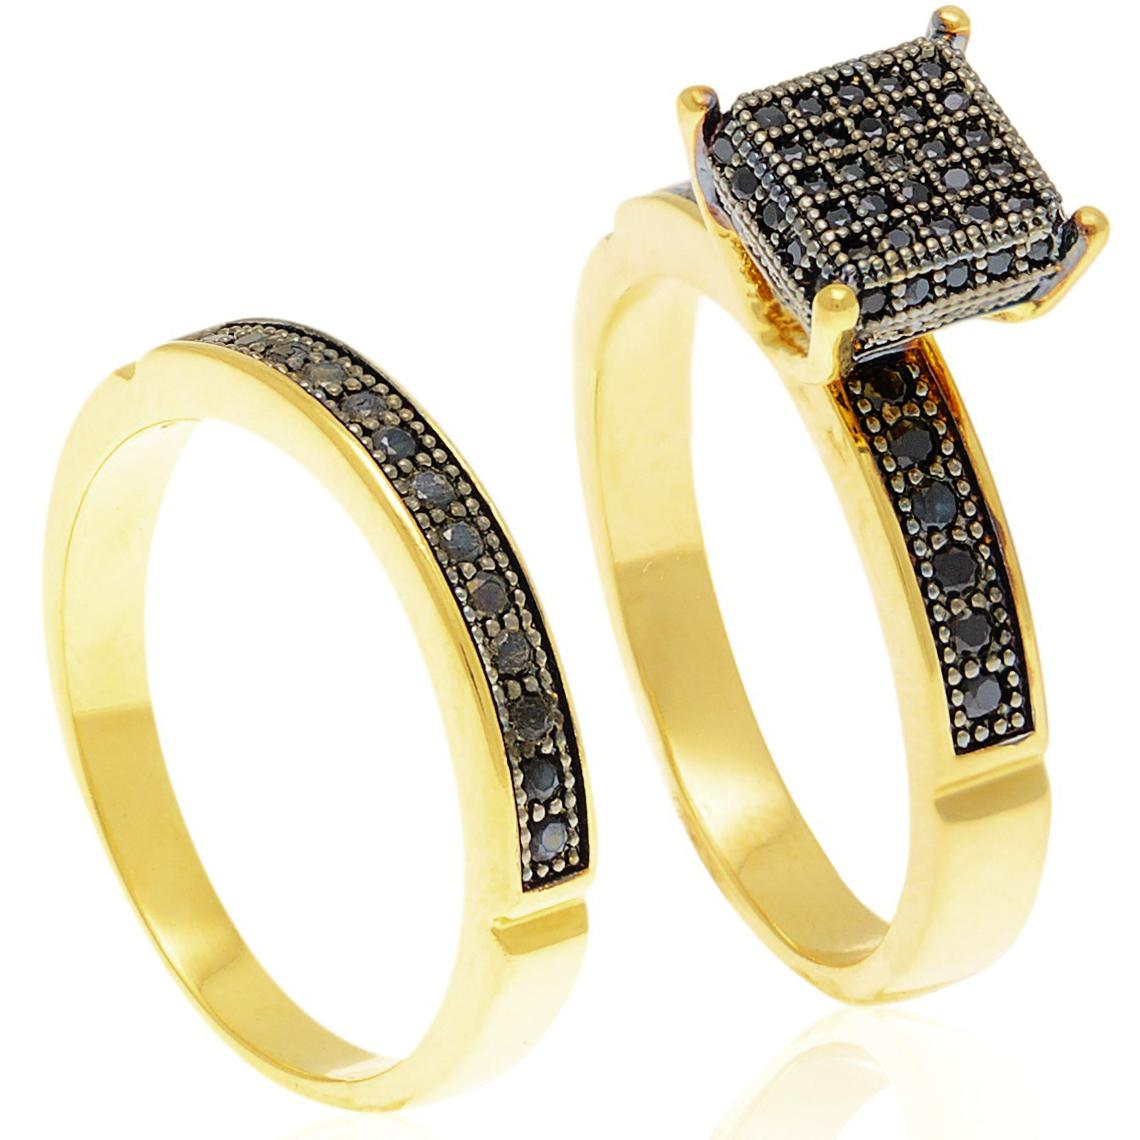 e946fca0471 alianças de ouro comprar - Alianças Ouro  Varios modelos lindos em oferta